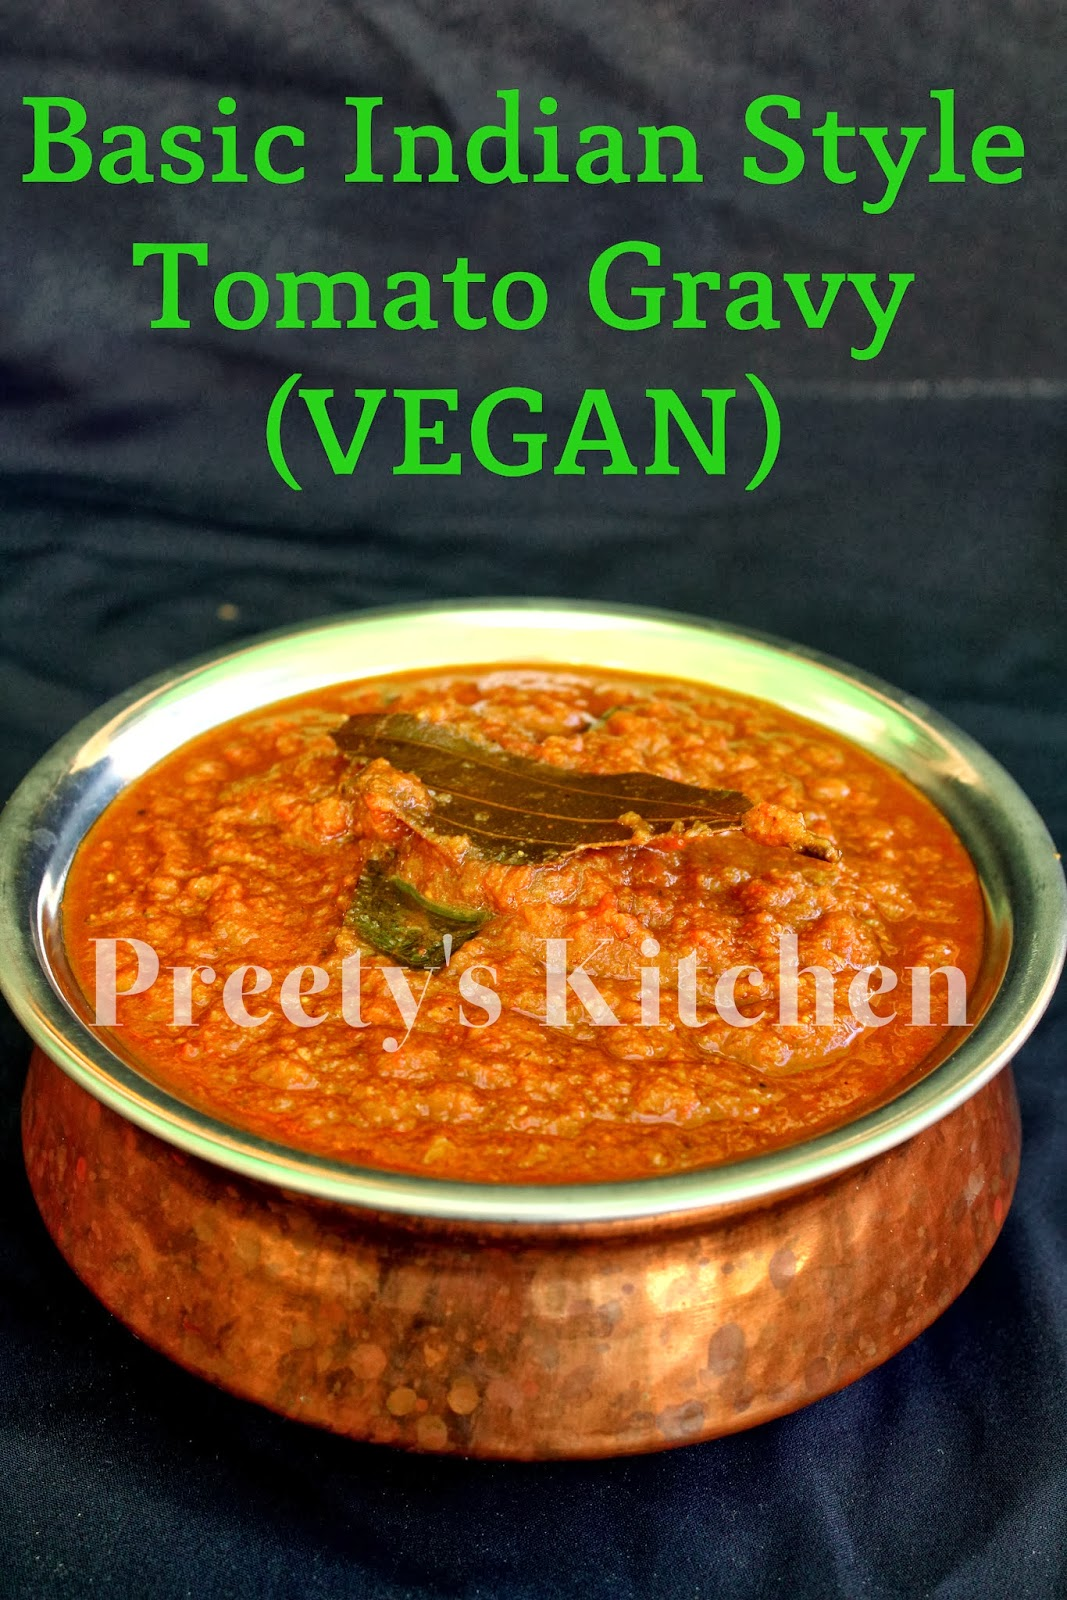 Preety's Kitchen: 9 Vegan Ways To Use Fresh Tomatoes